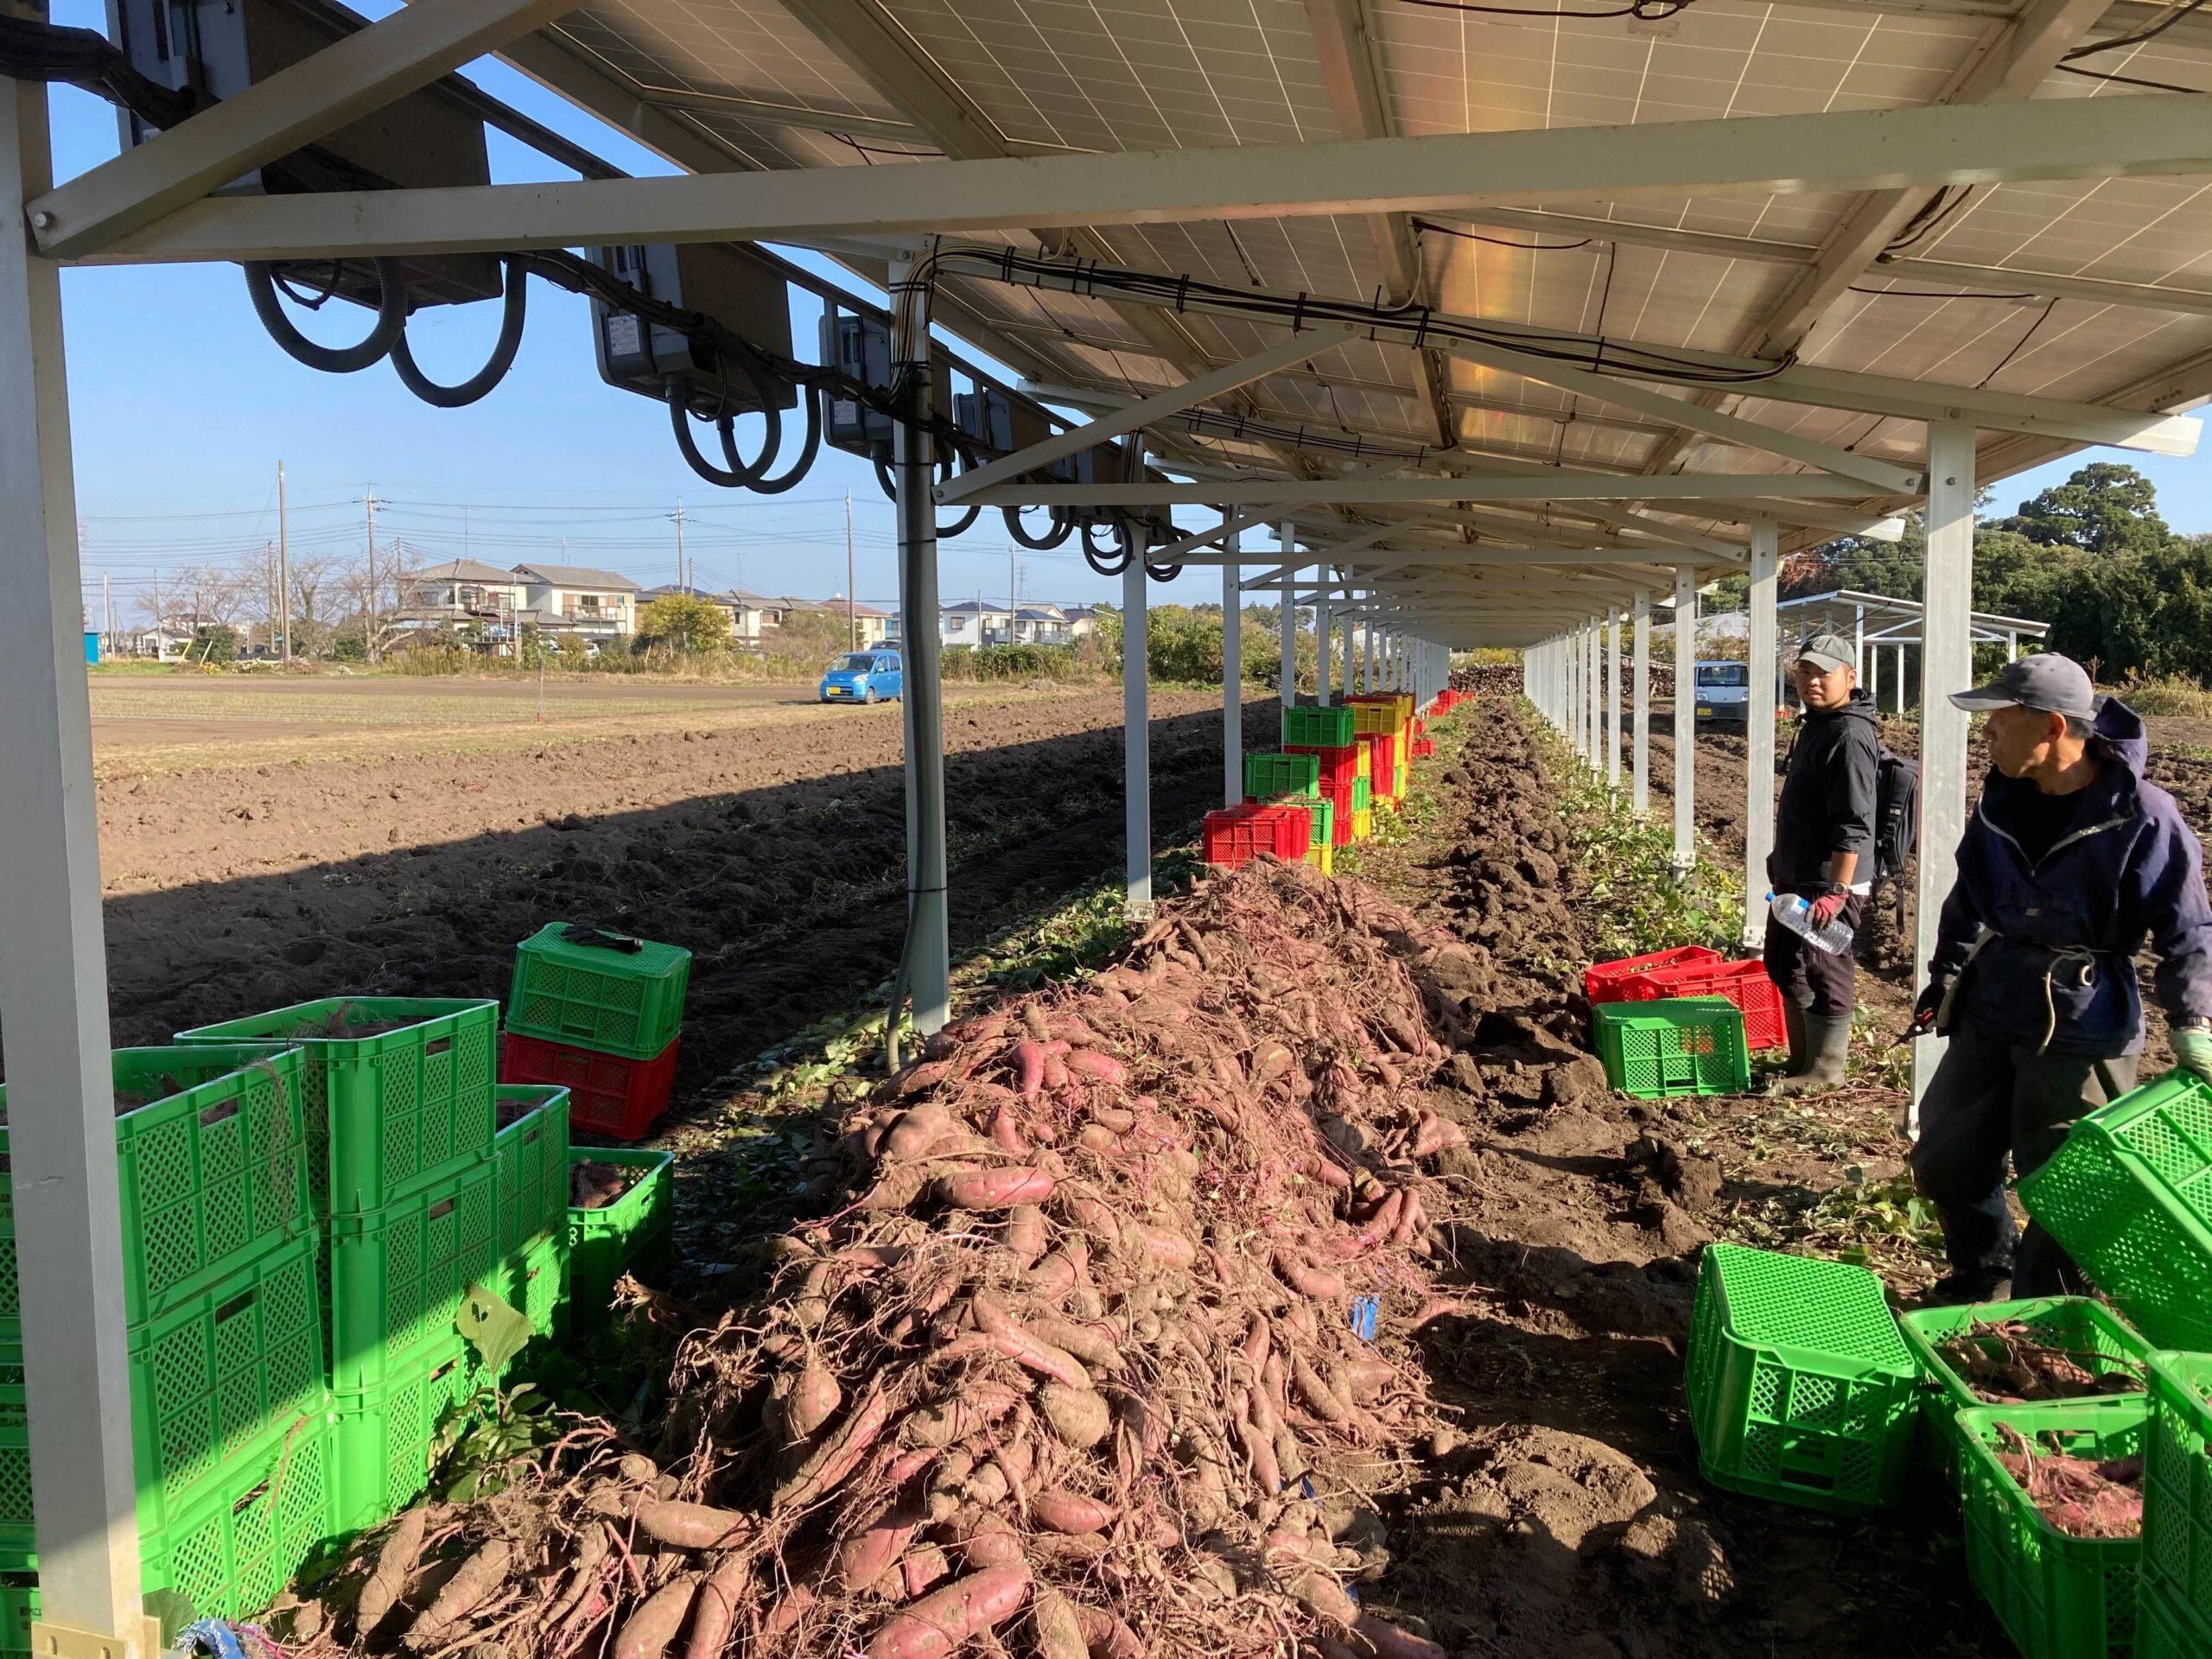 【ソラベジ】来月より、ソーラーシェアリングで育ったさつまいもの収穫を開始します!